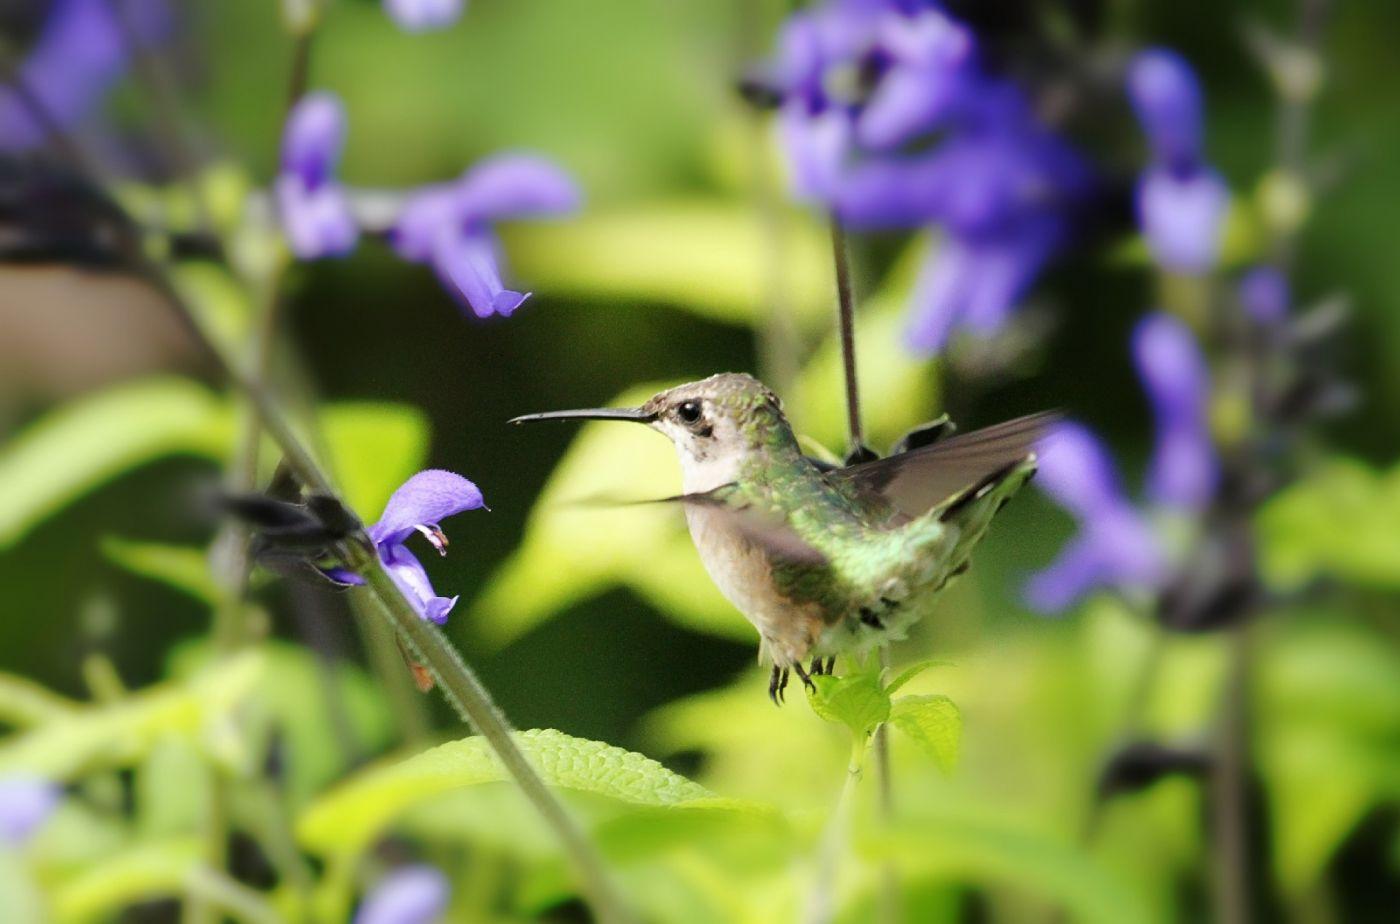 【田螺摄影】在纽约city找蜂鸟拍不难_图1-7